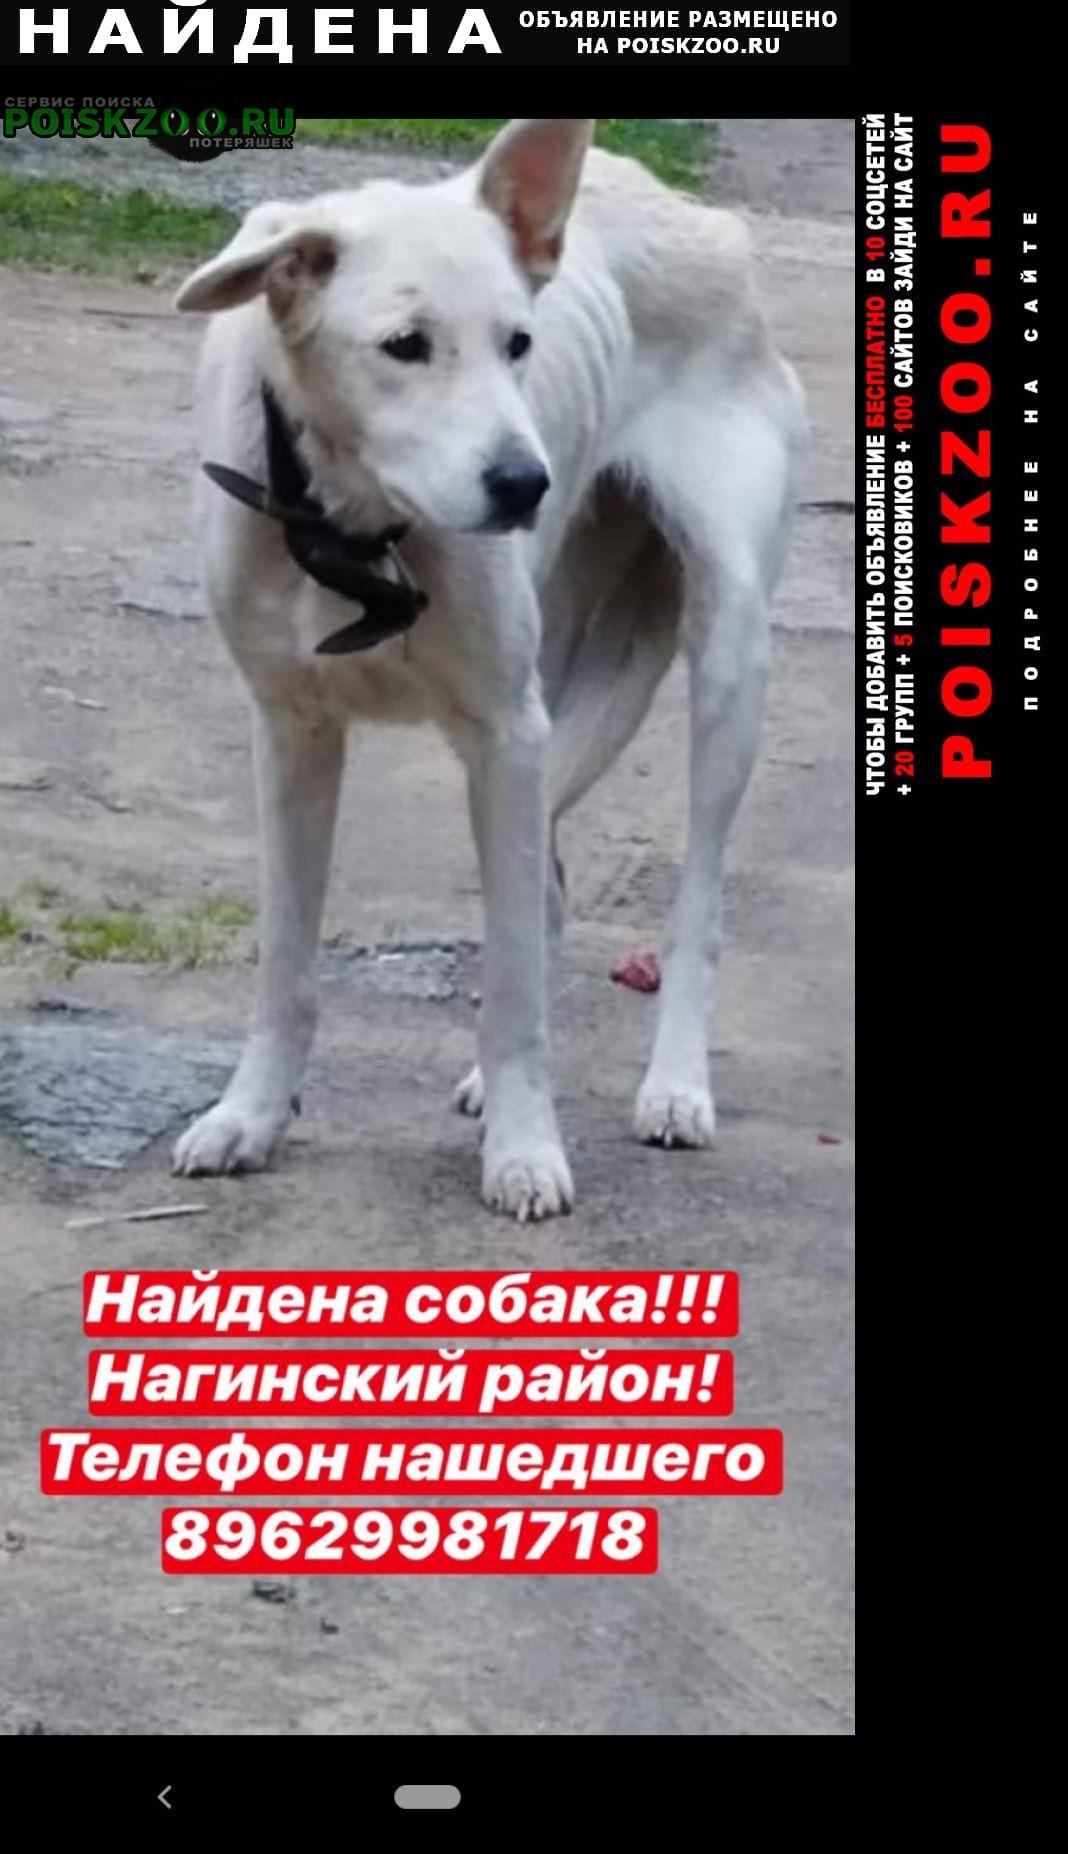 Найдена собака г.Ногинск